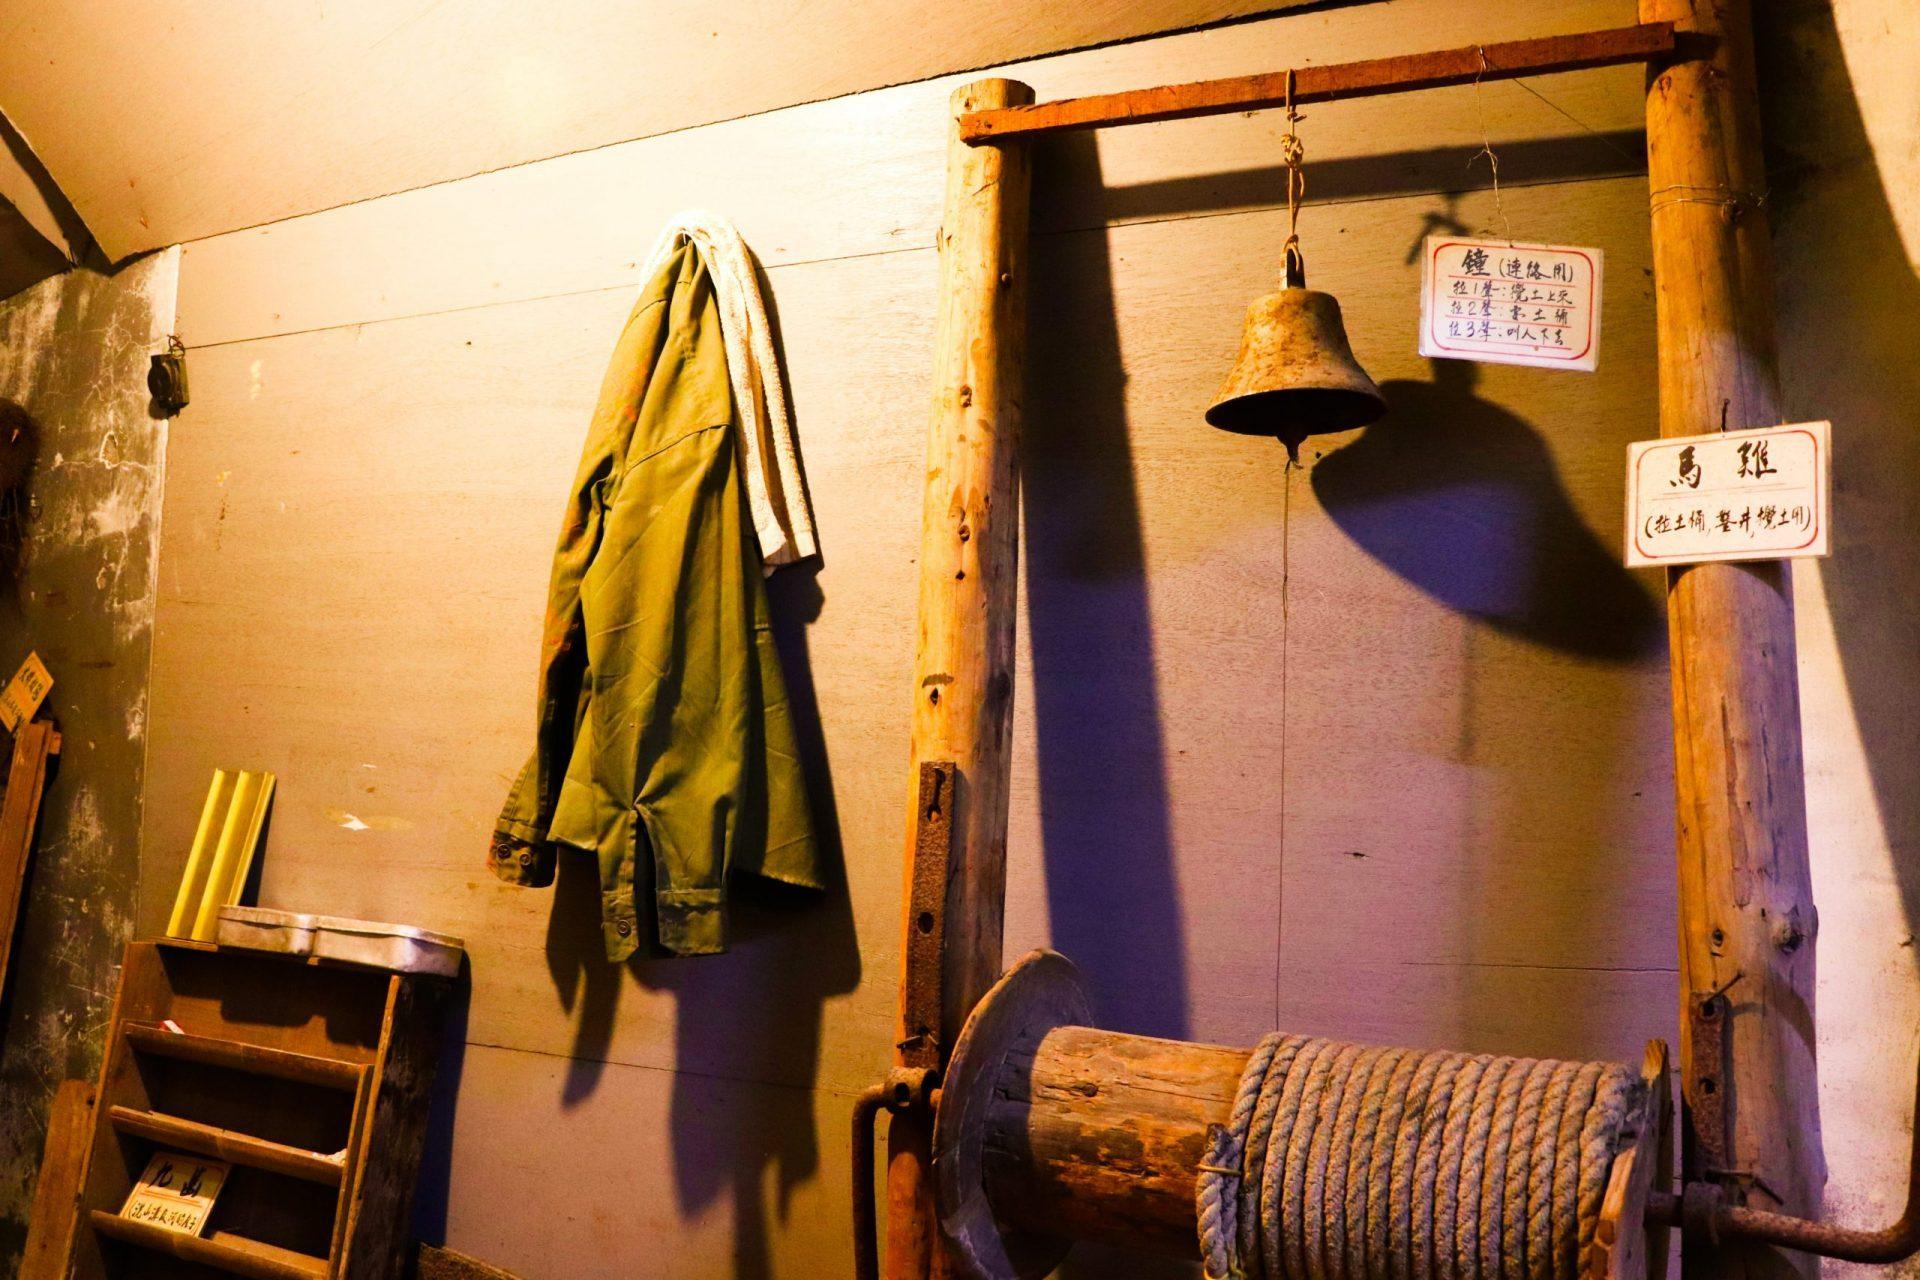 九份金礦博物館  隱藏版行程推薦!親訪老礦工的家,細聽九份的故事。